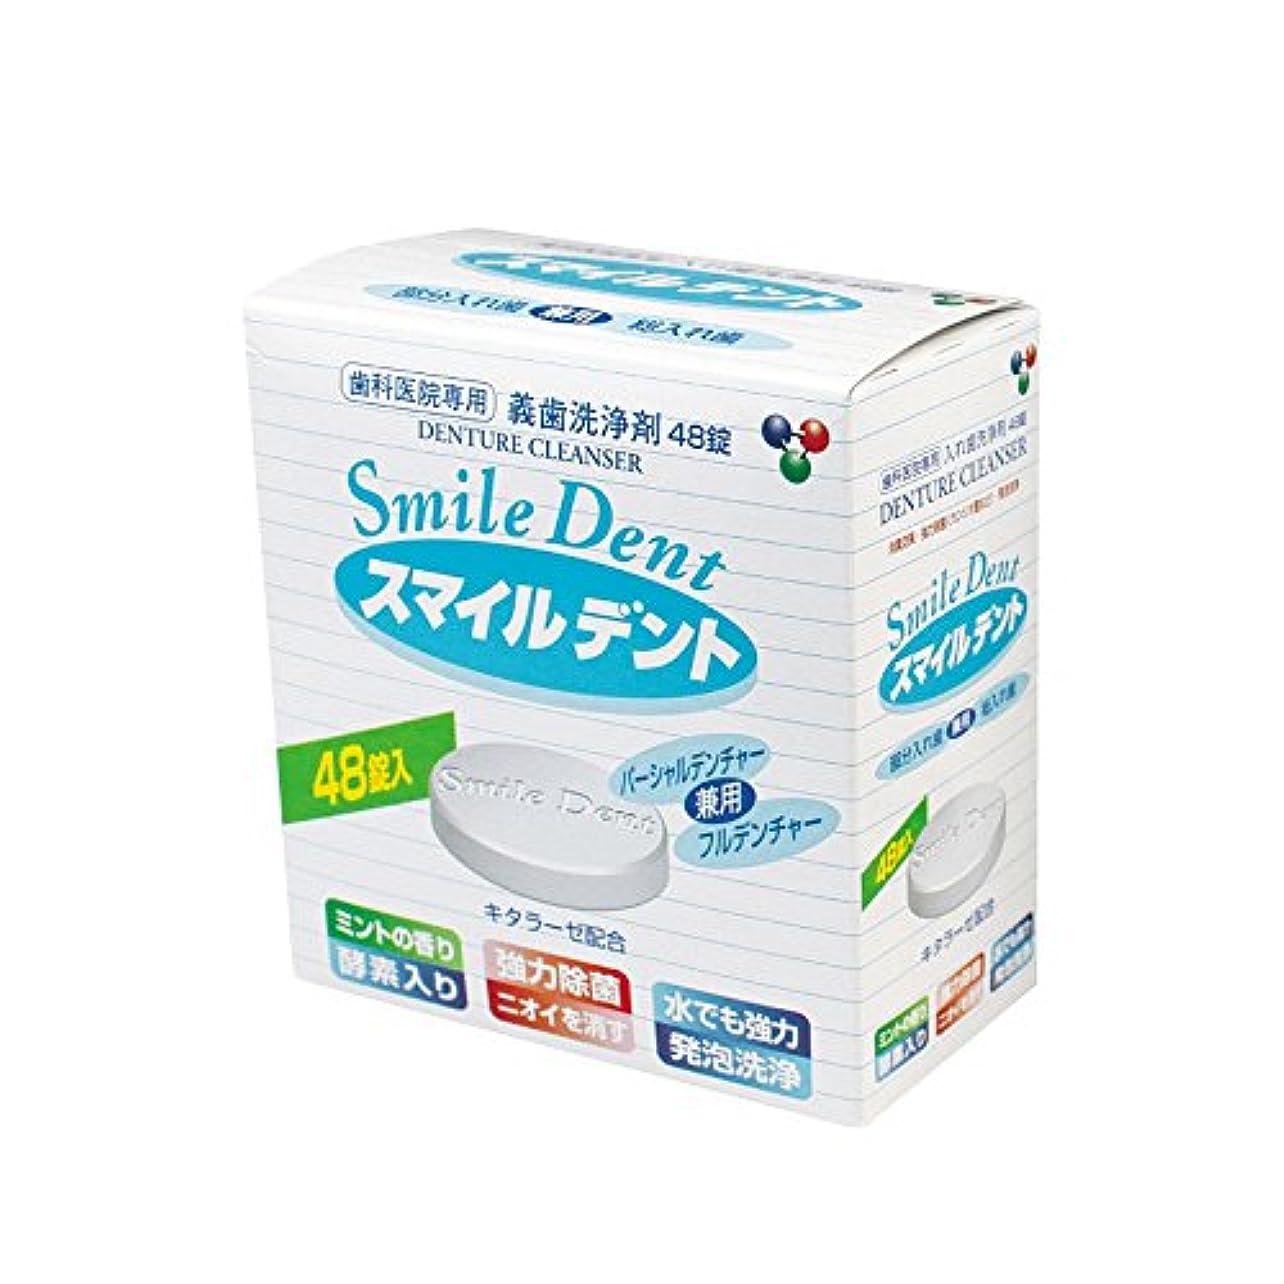 他の日後方に科学的義歯洗浄剤 スマイルデント 1箱(48錠)